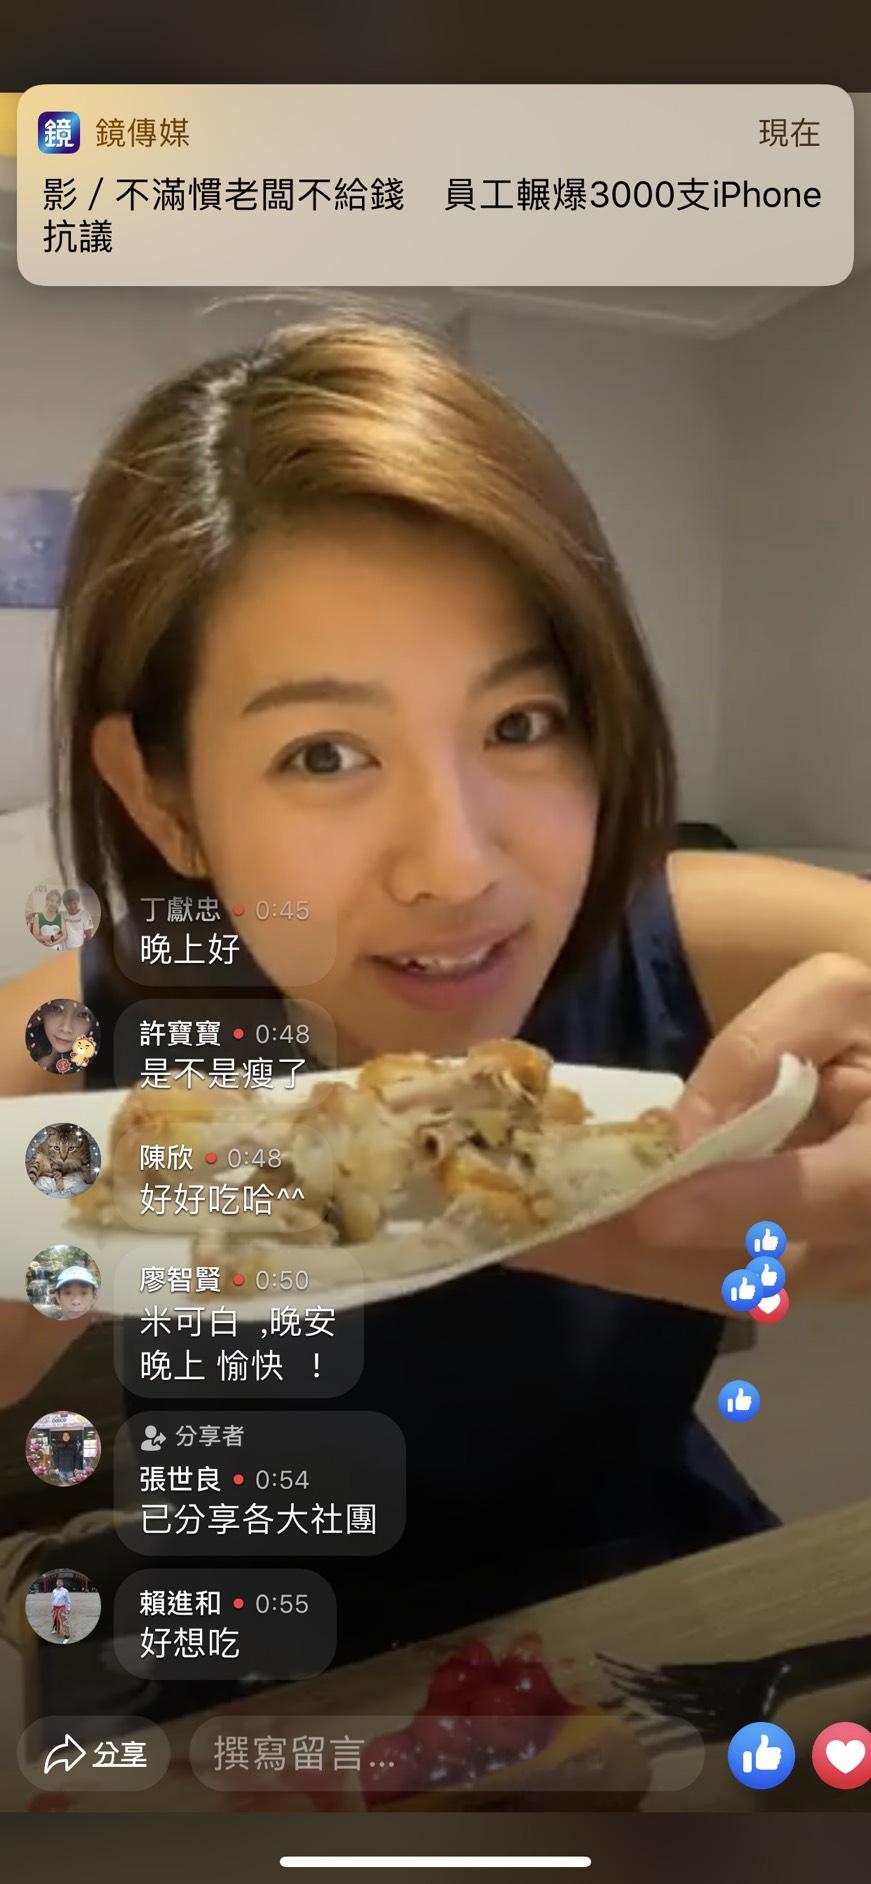 ▲愛吃、愛嘗鮮的米可白開直播分享韓國隱藏版美食。